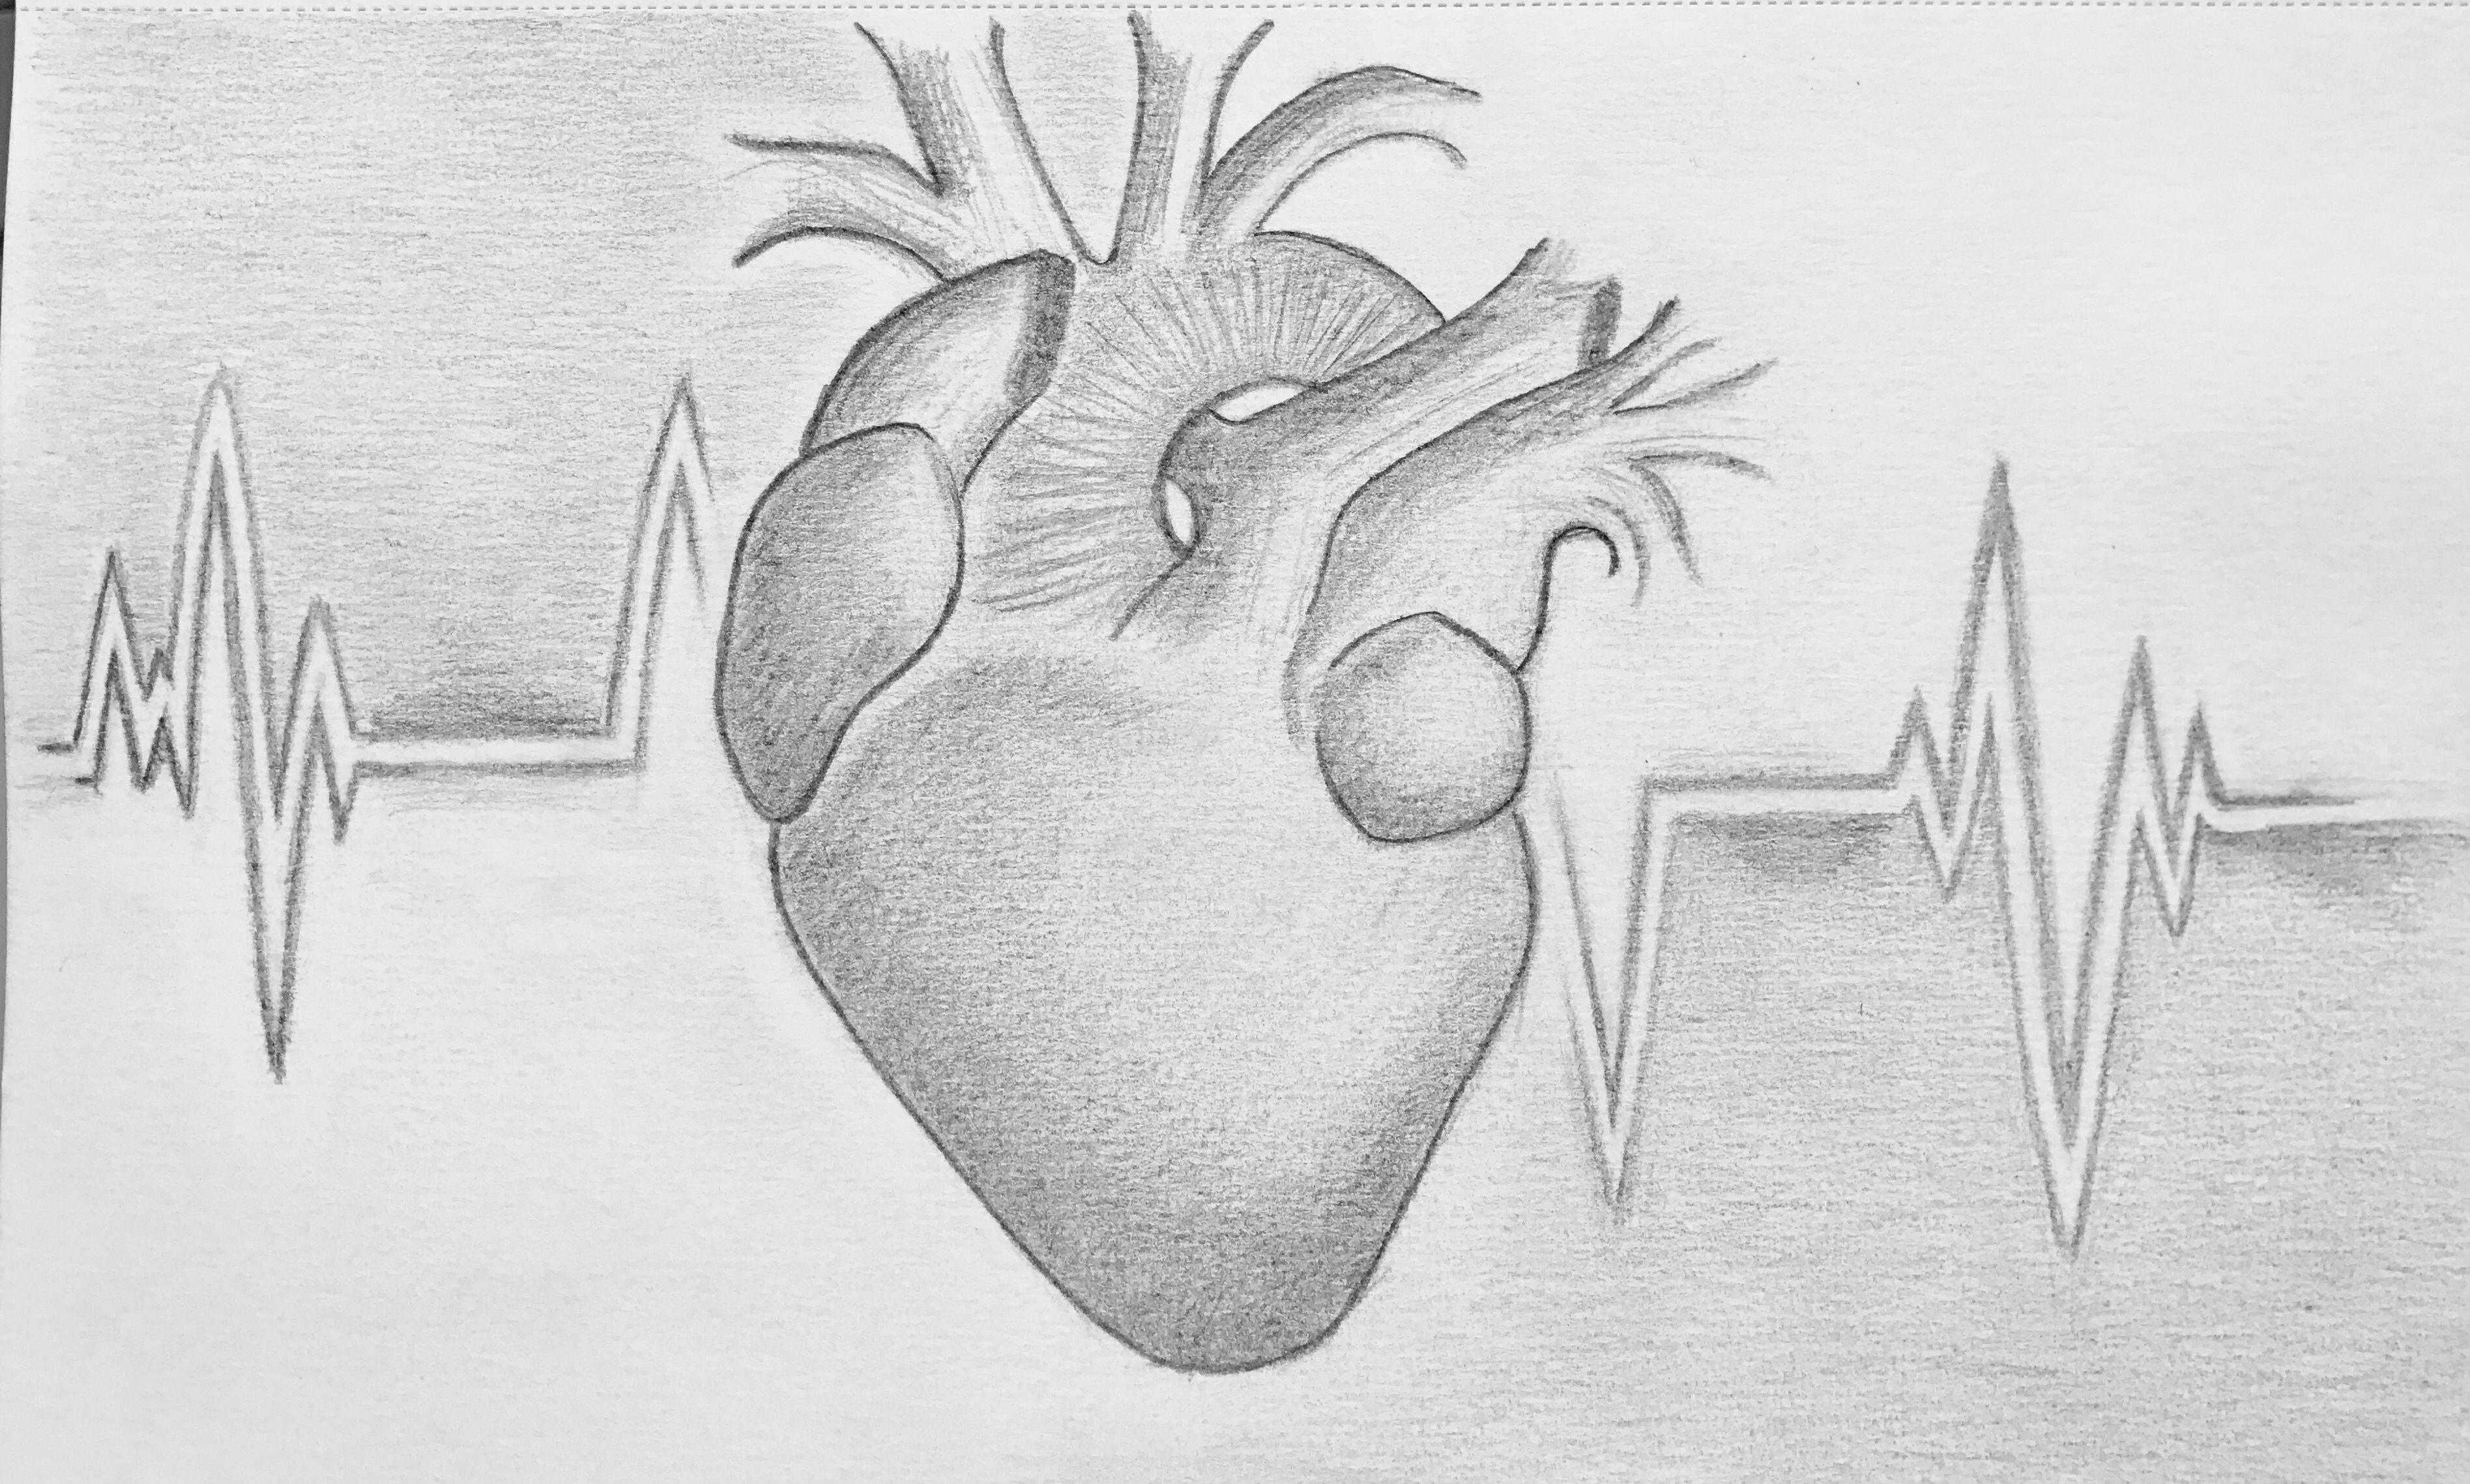 Herz, Herzzeichnung, Zeichnung, Herzschlag